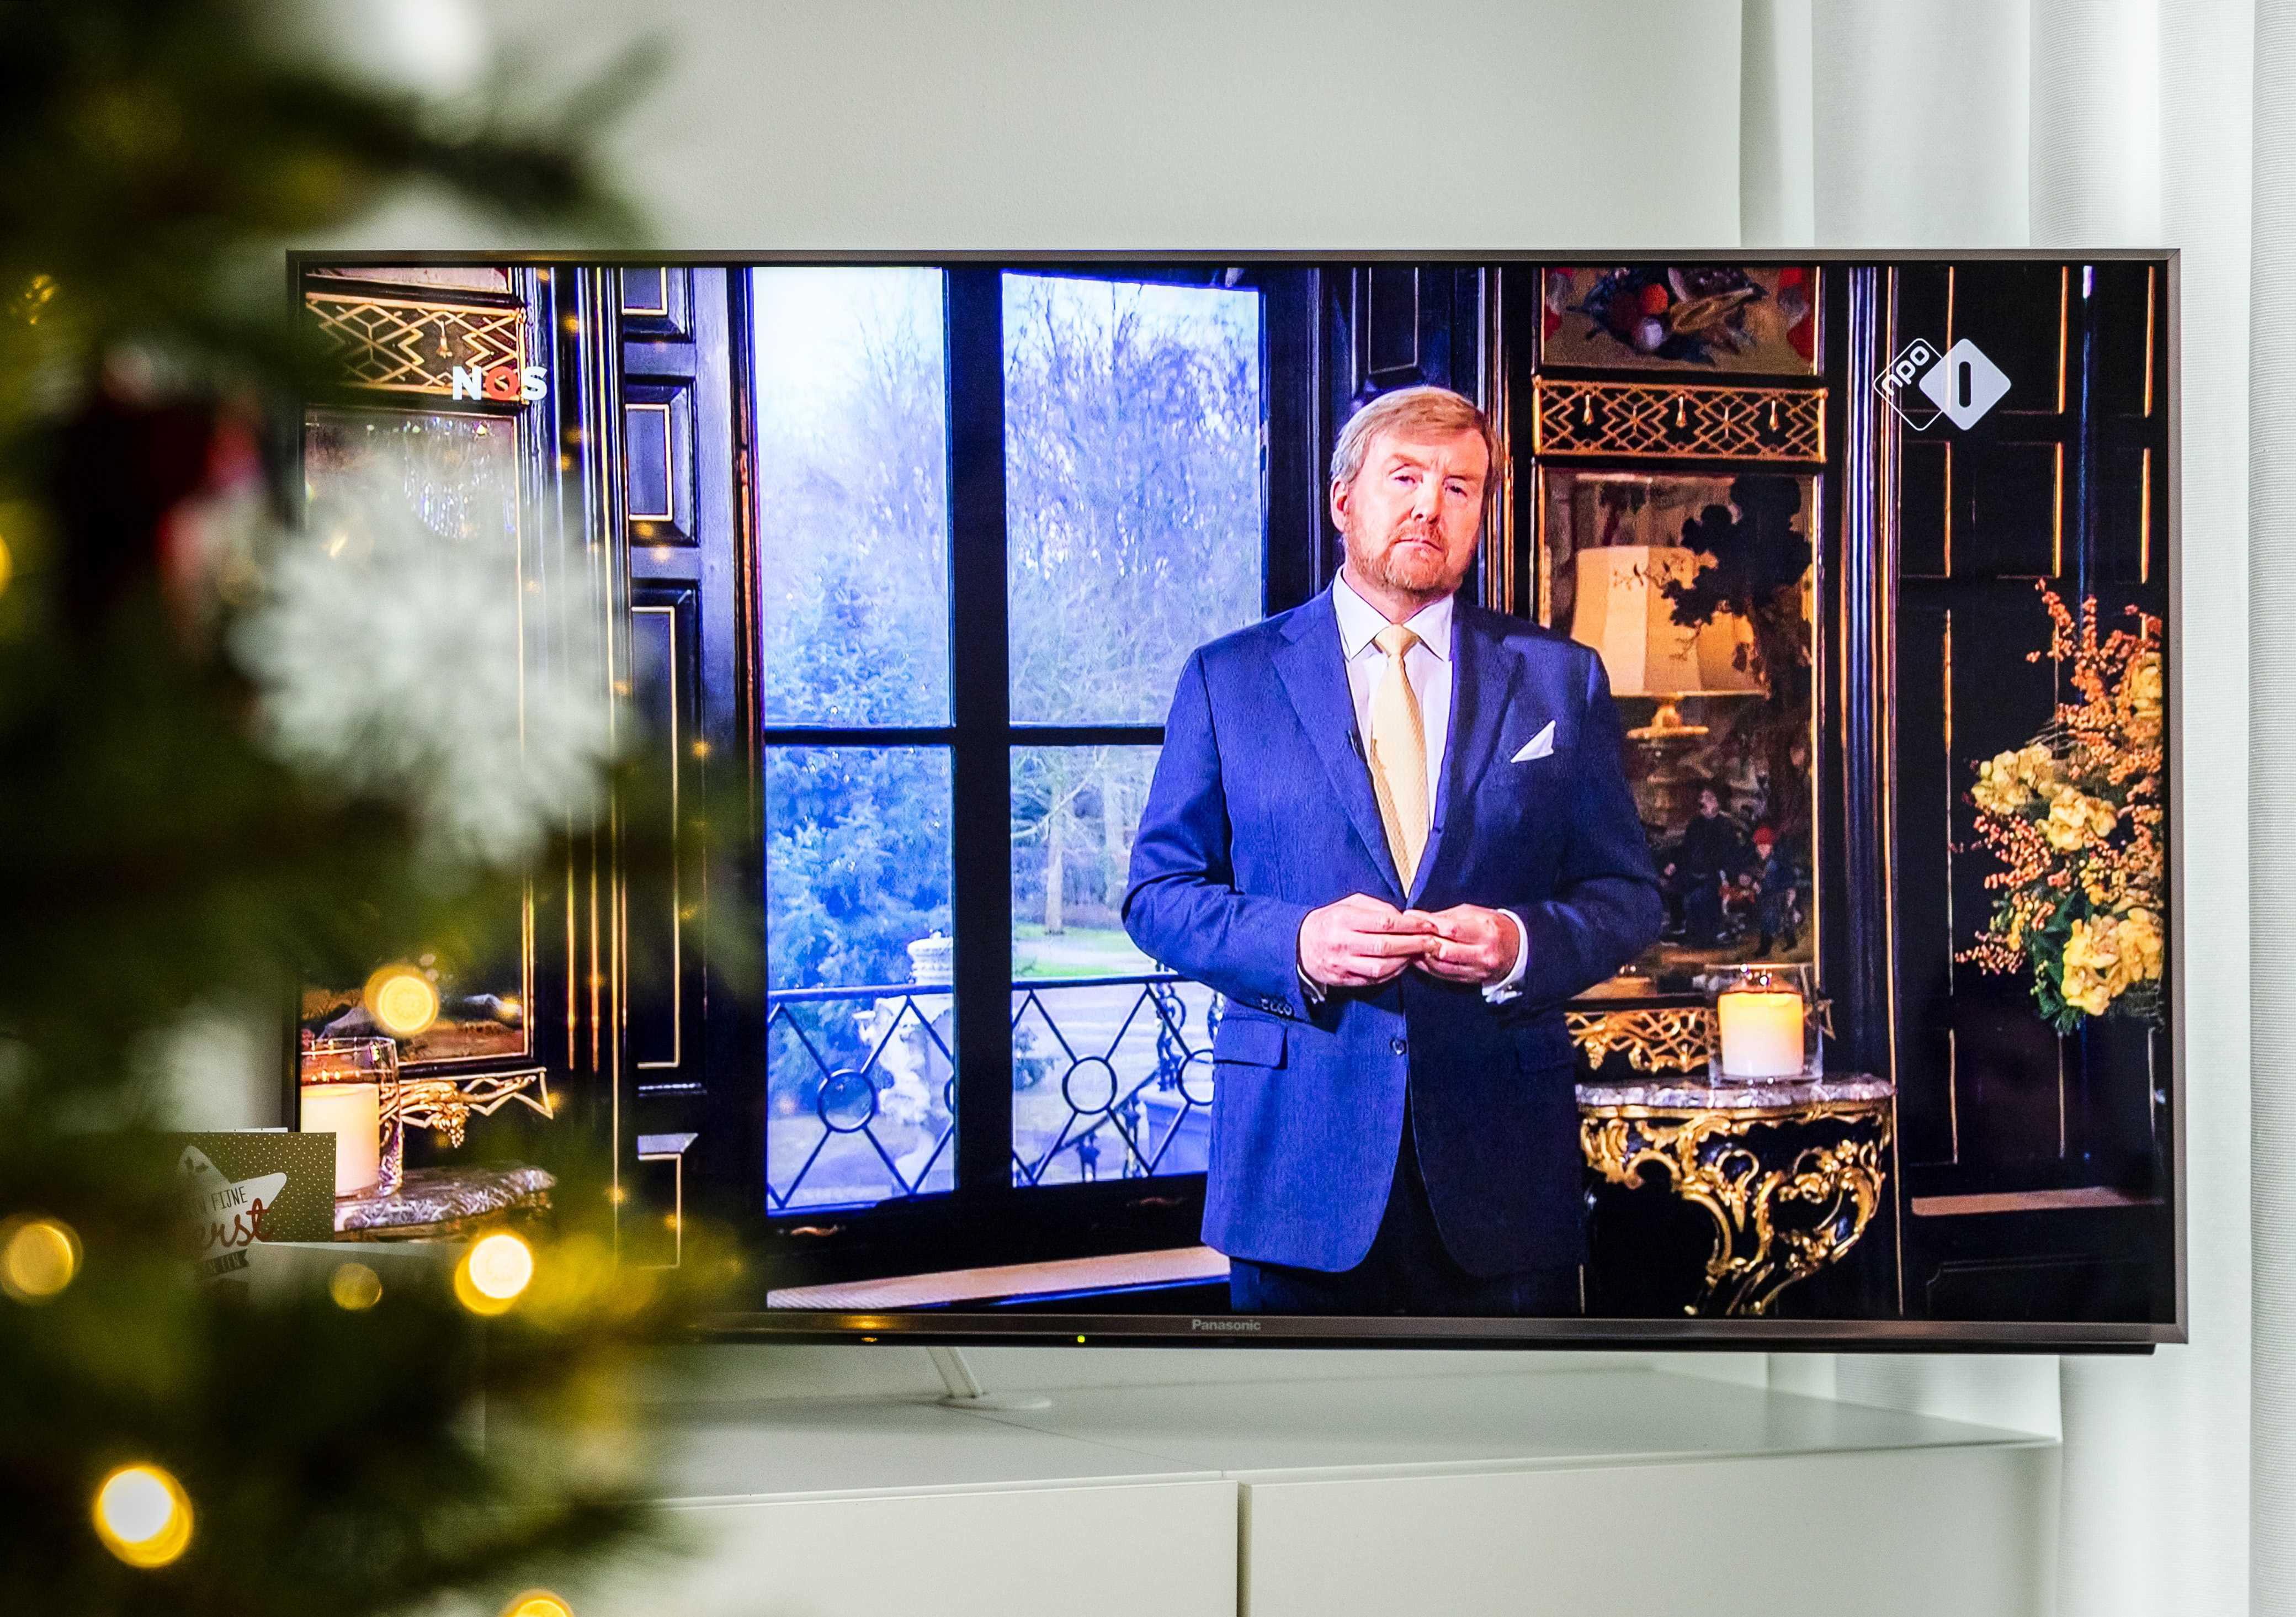 گیلرمو از هلند.  در طول پیام کریسمس خود را.